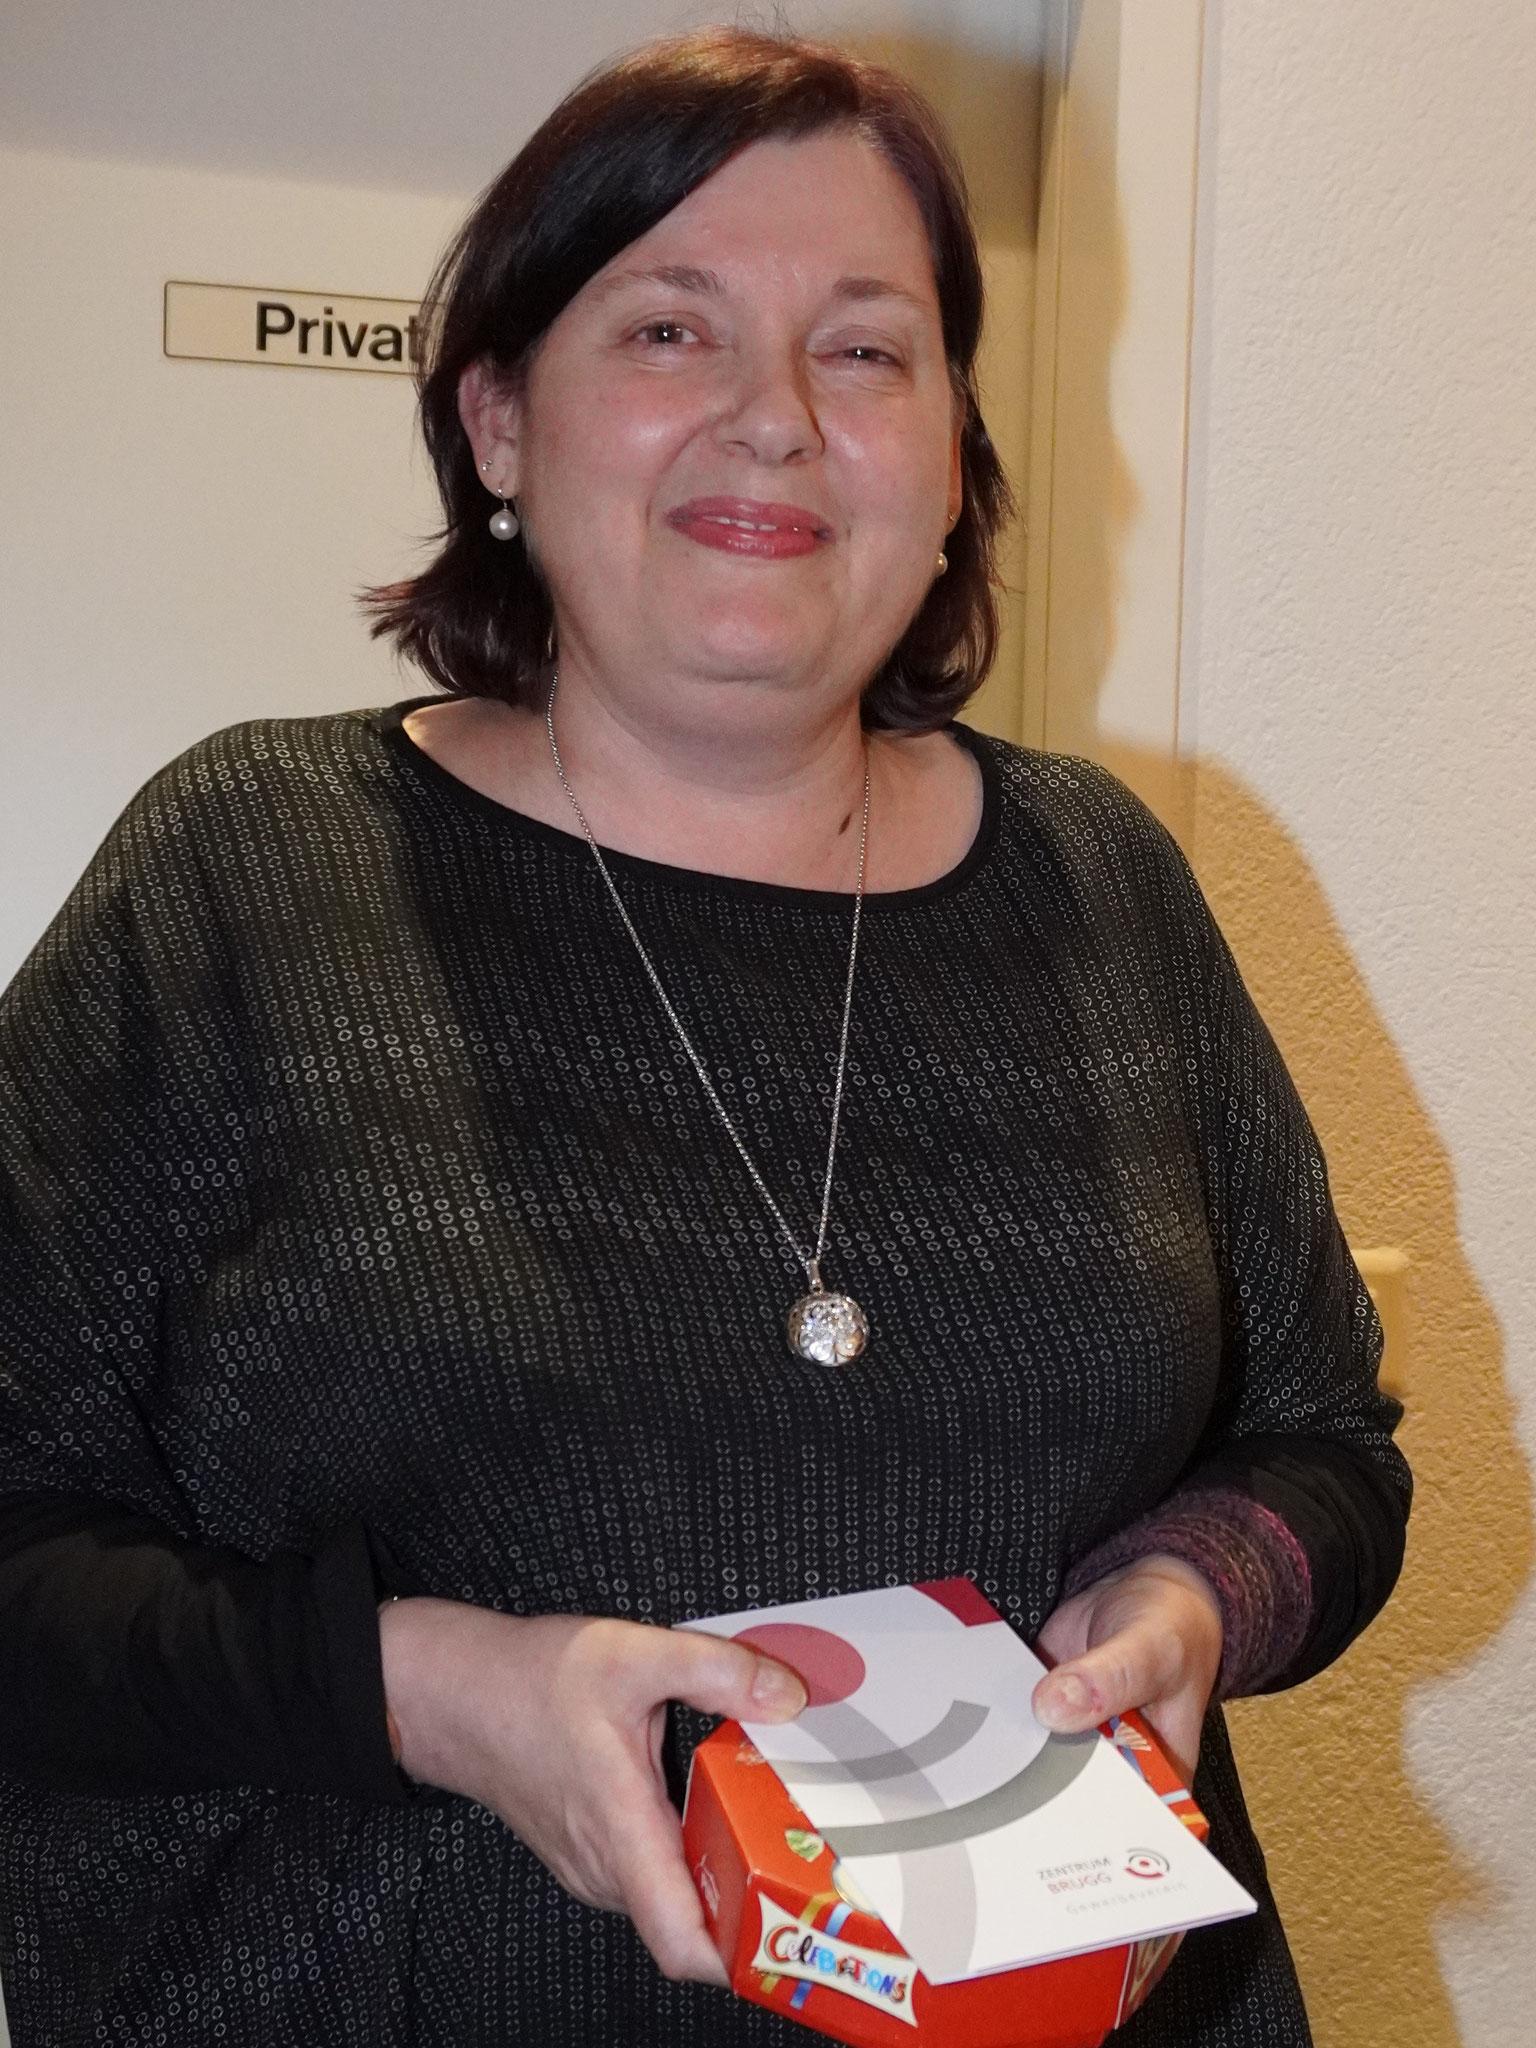 Peggy Studerus: einmal mehr die Nummer 1 beim Probenbesuch. Nur gerade 1 Absenz = 60 x anwesend! Gratulation